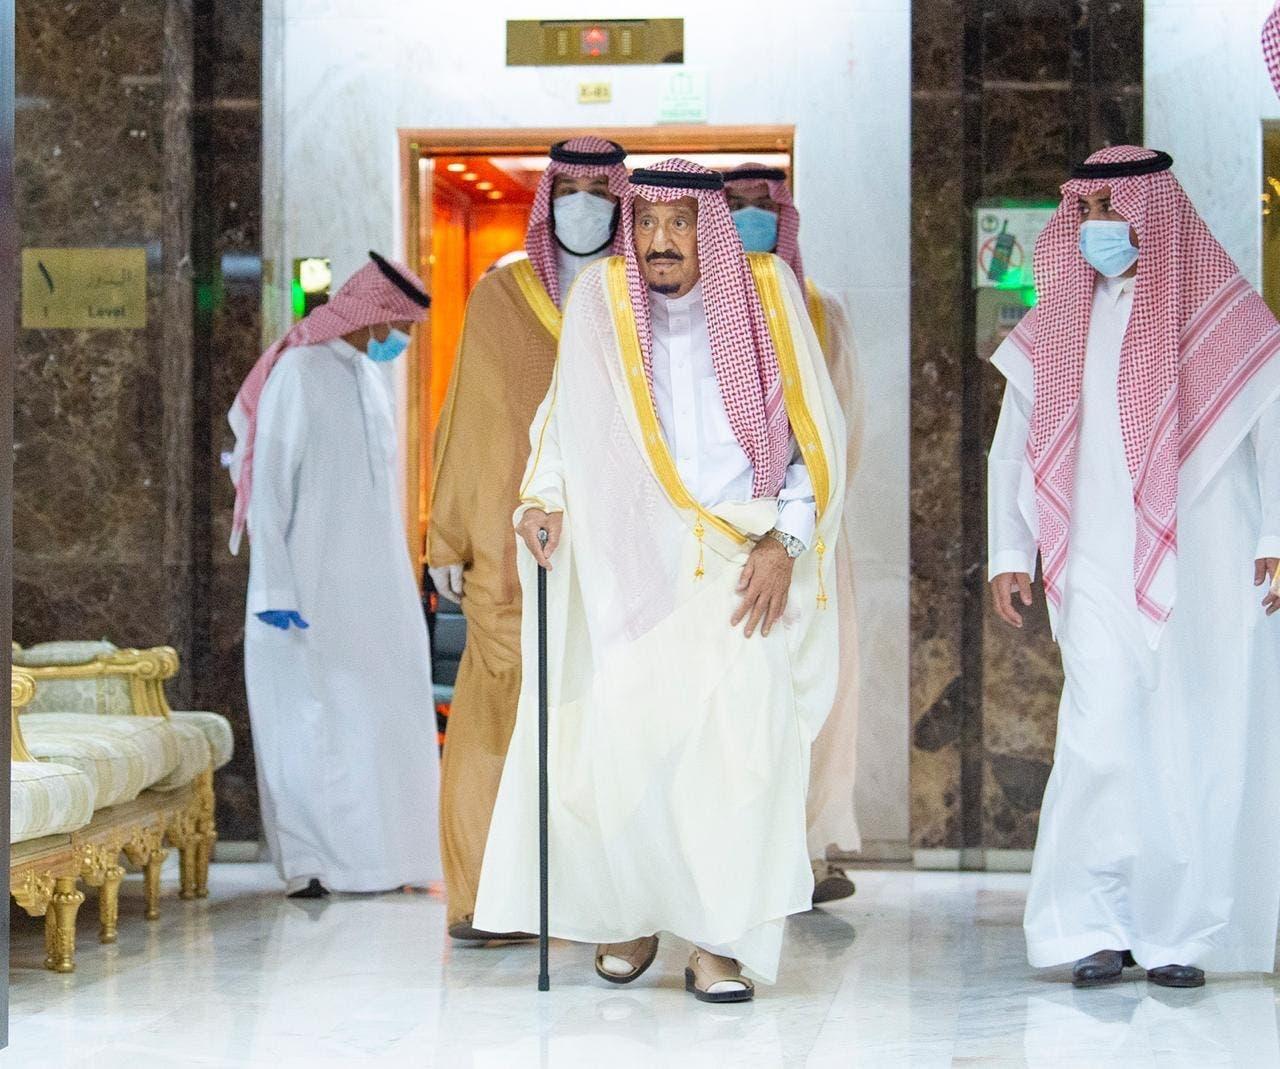 خادمالحرمين الشريفينالملك سلمان بن عبد العزيز